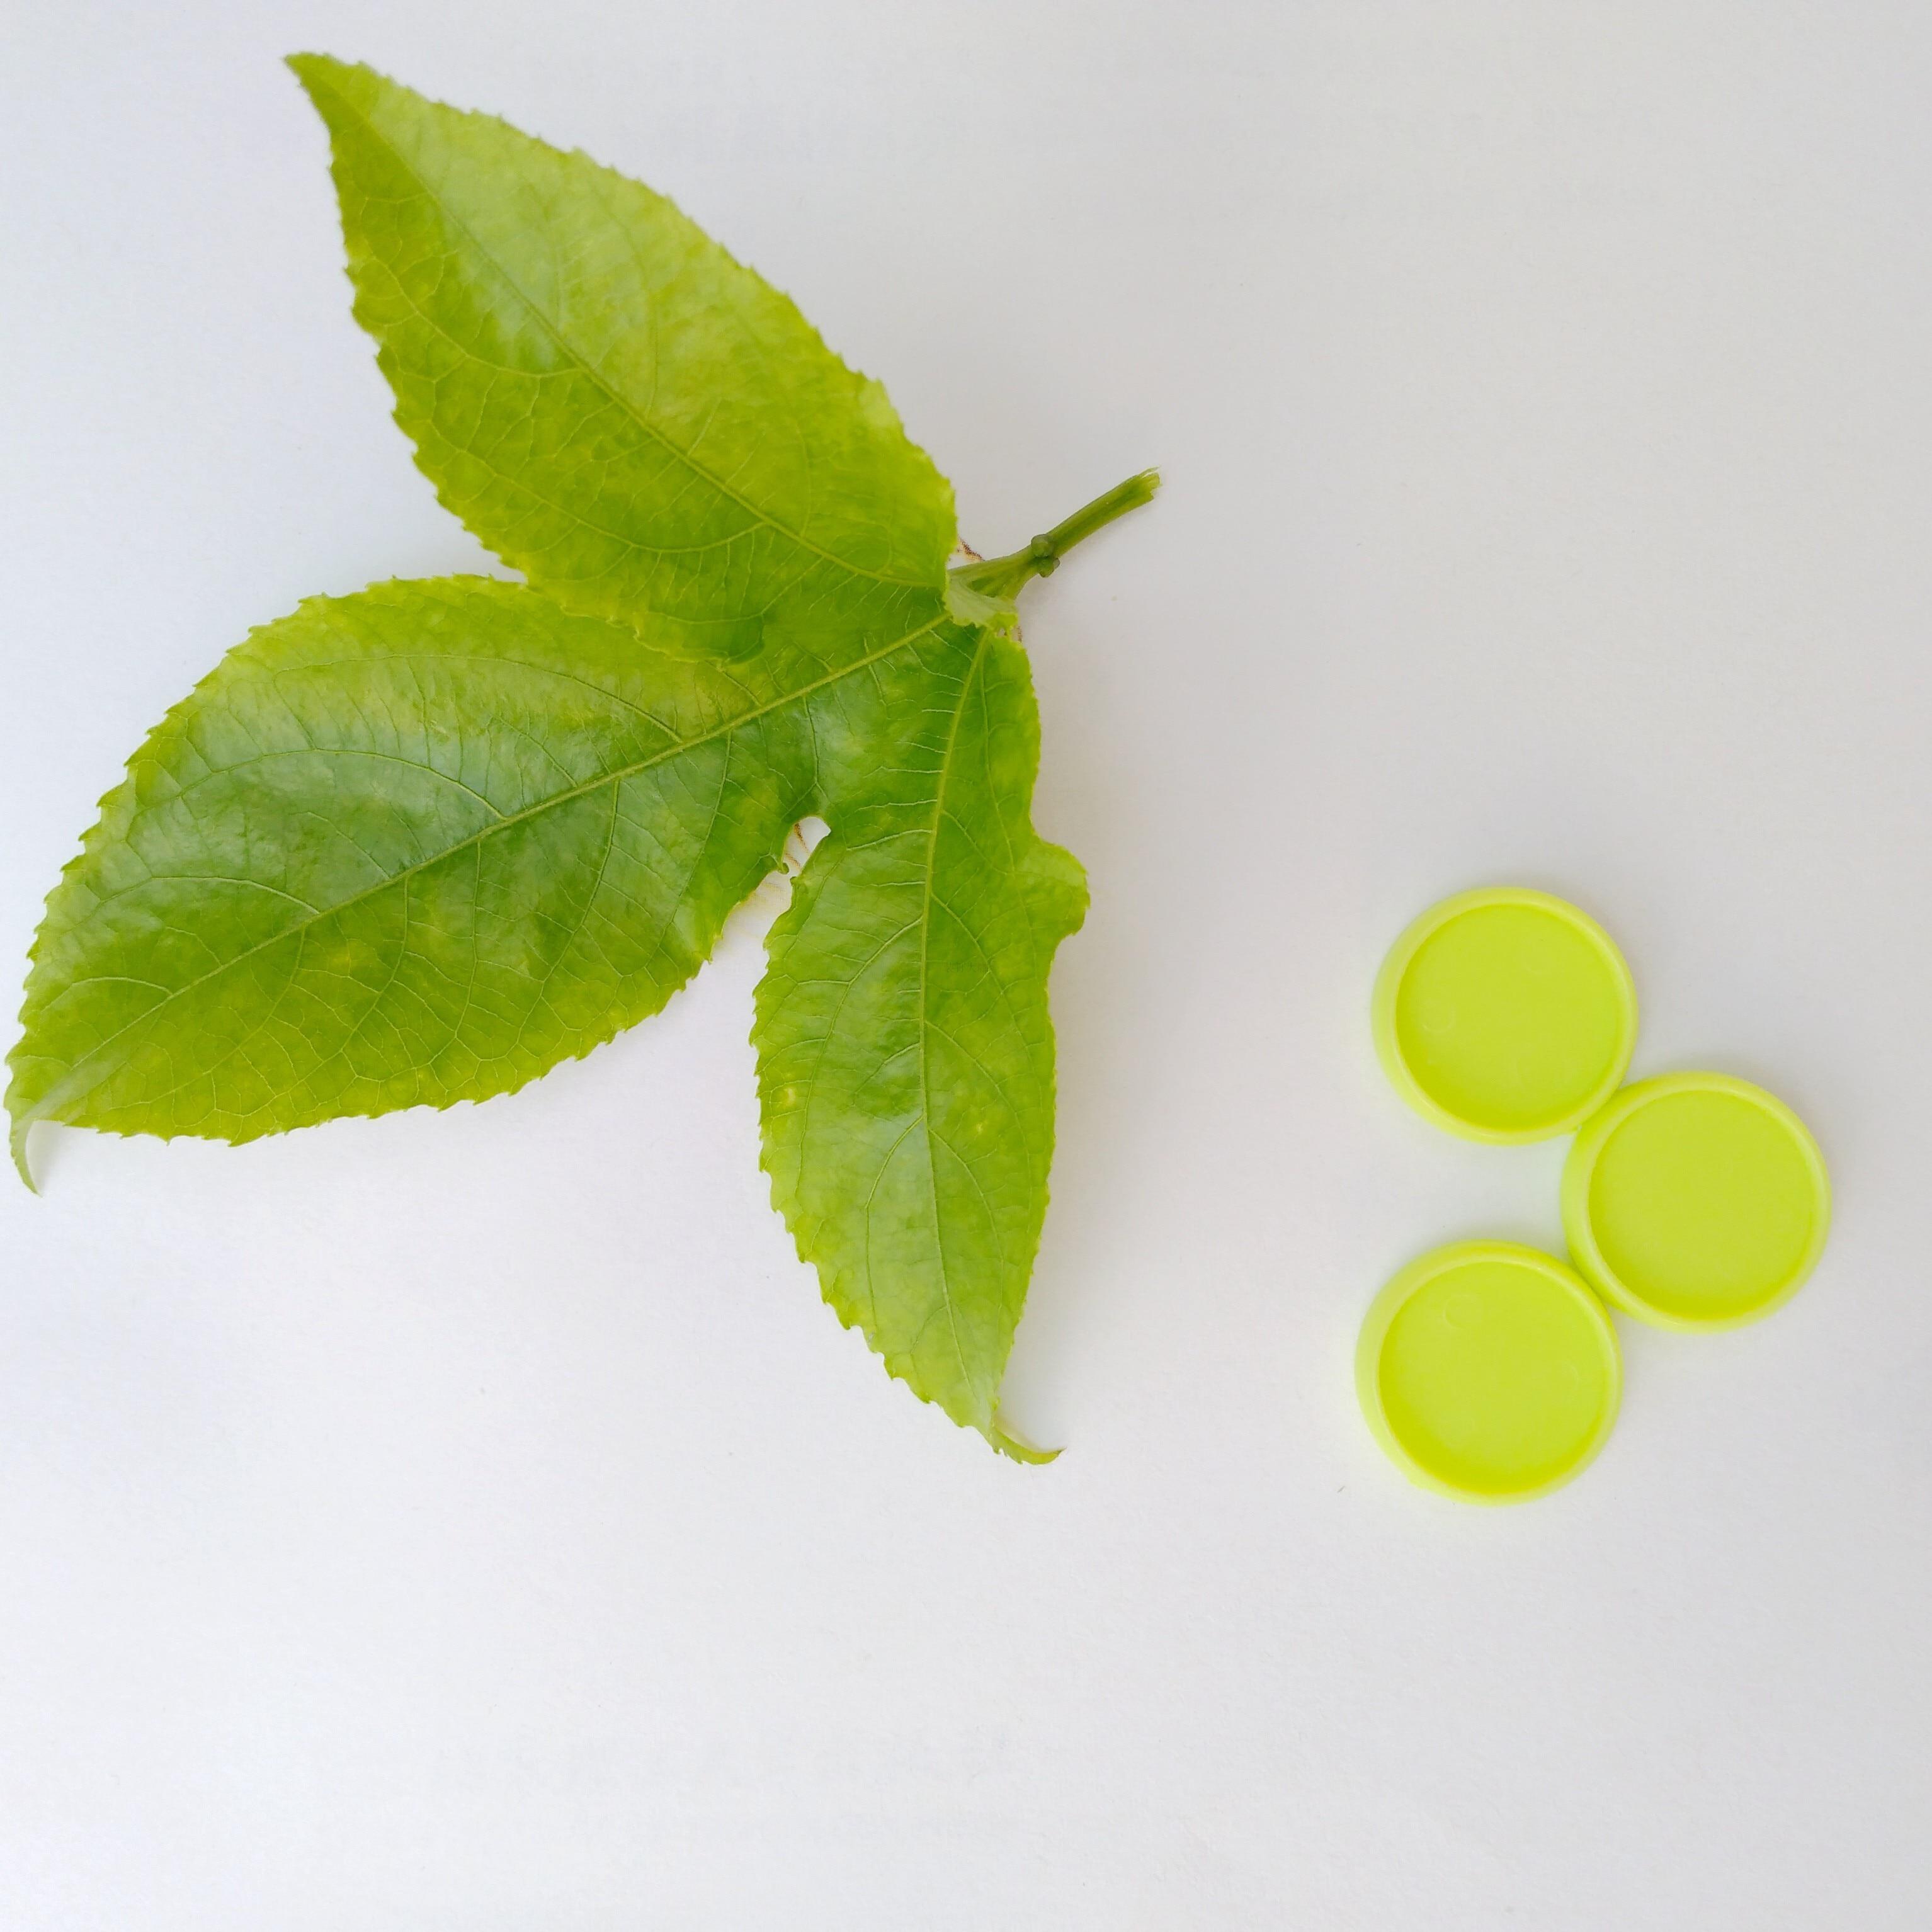 12pcs Binding Loose-leaf Binder of 20mm Color Plastic Disc Buckle Disc T-shaped Umbrella Mushroom Hole Loose-leaf Binder